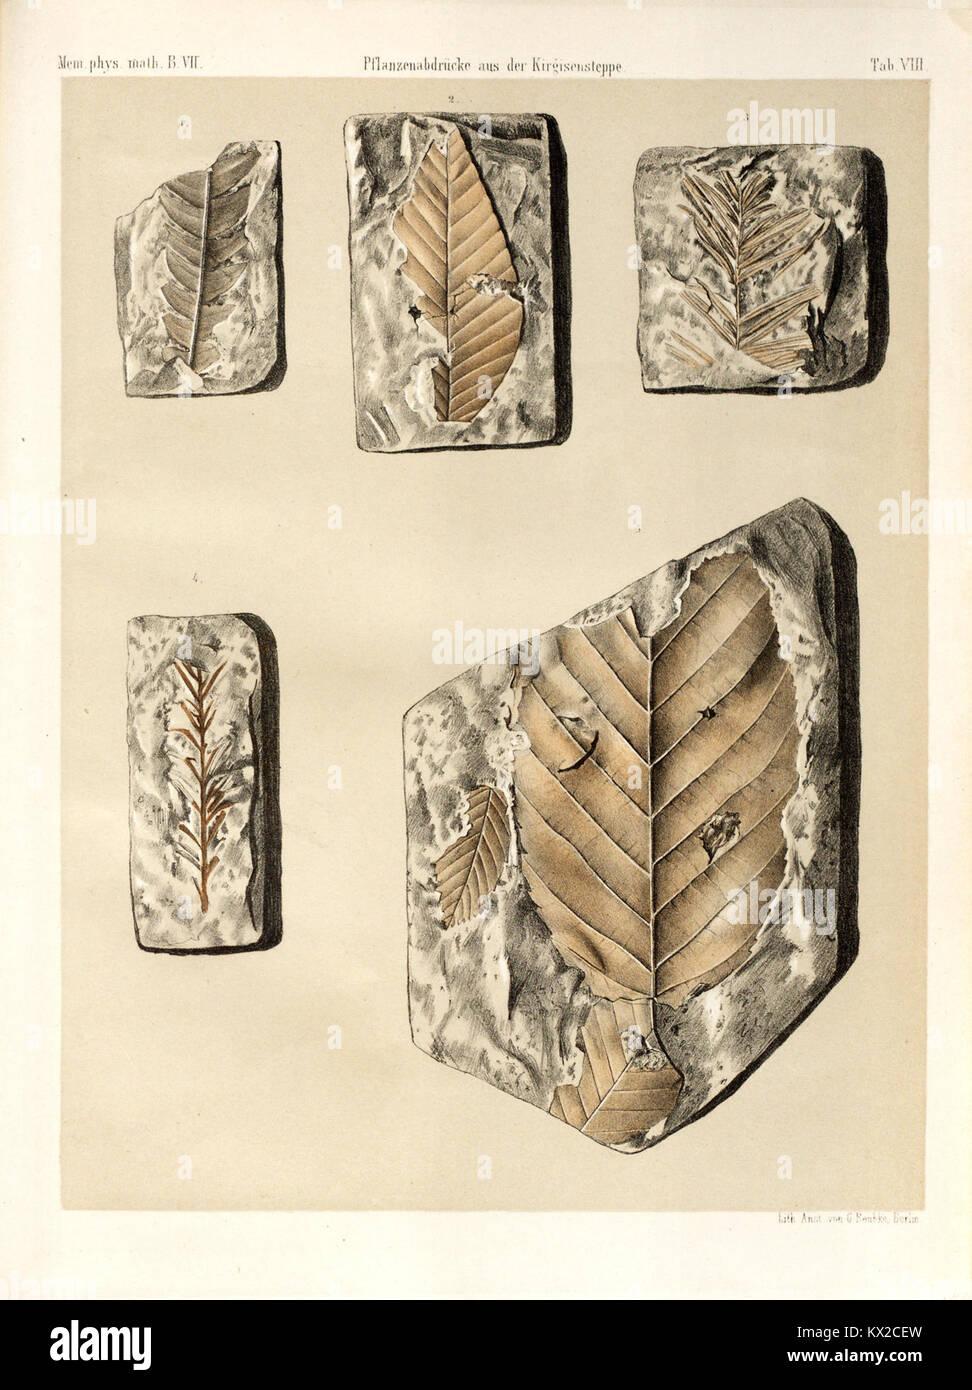 Beiträge zur Paläontologie des Asiatischen Russlands BHL40172069 - Stock Image